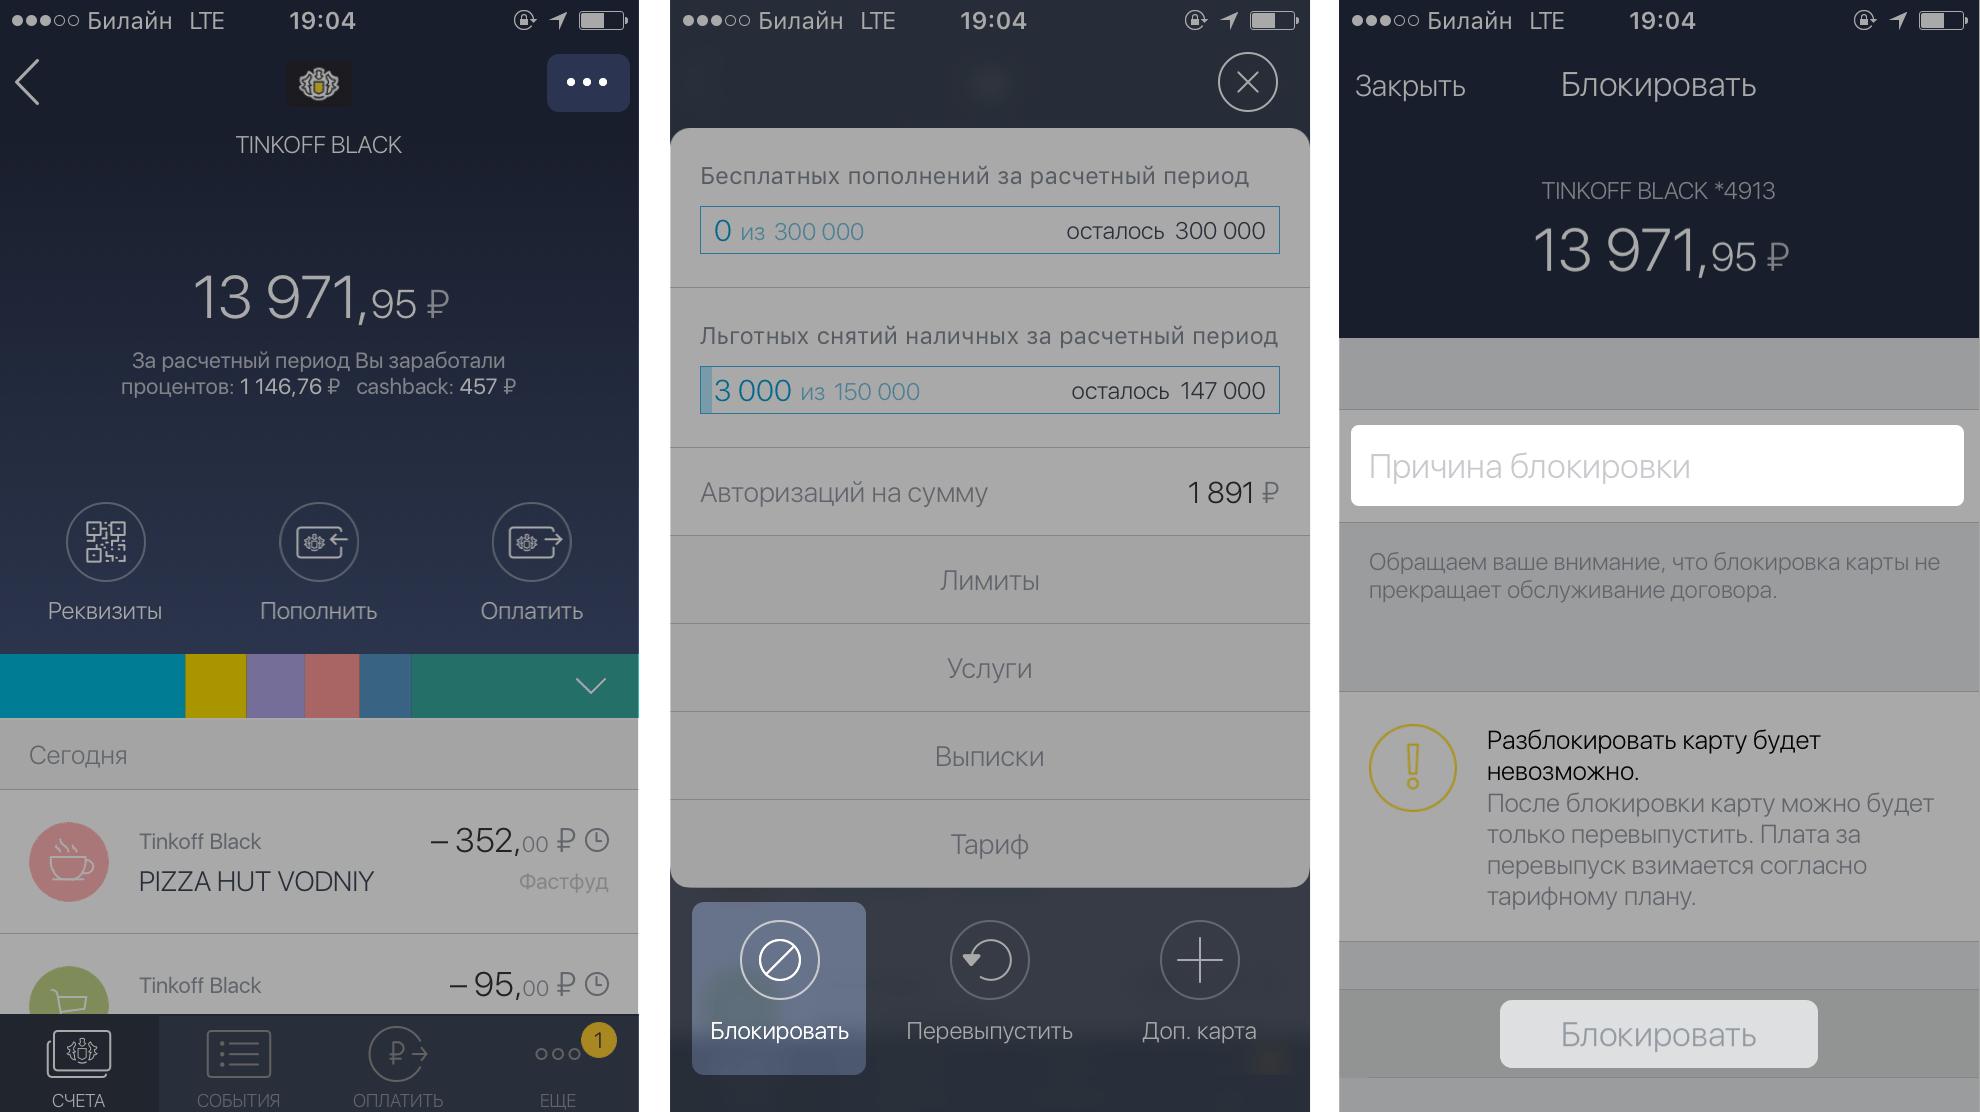 Зайдите в приложение и нажмите на выпадающее меню справа